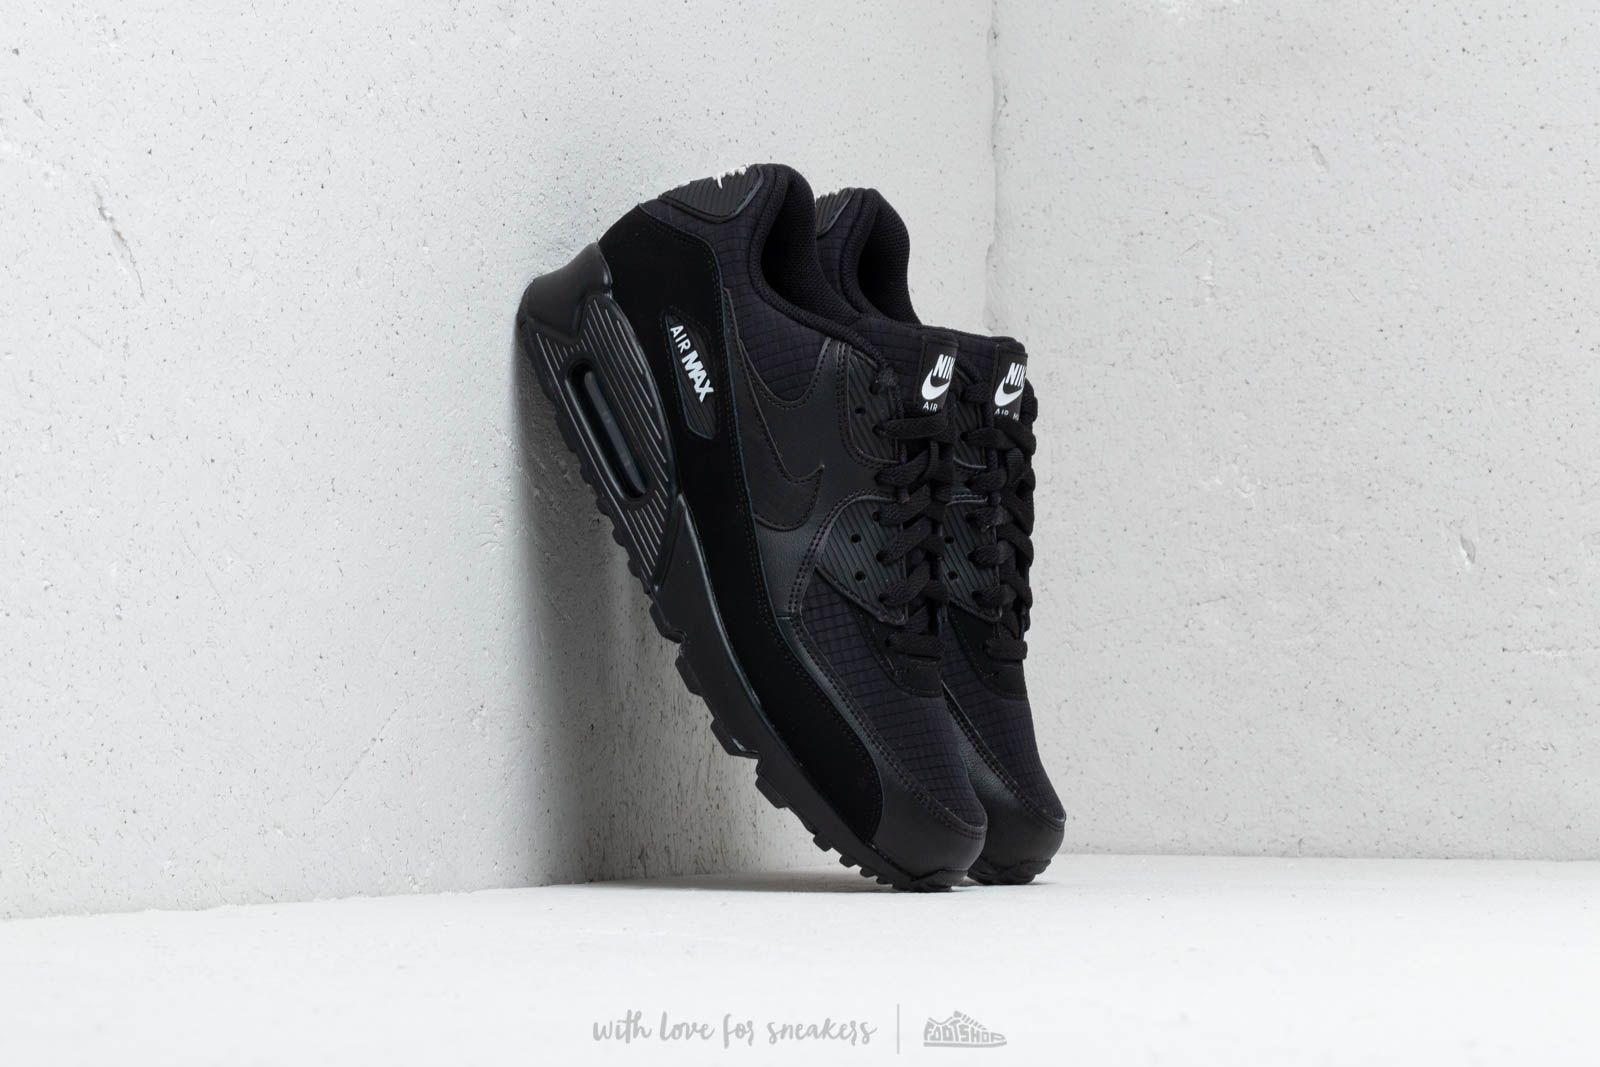 reputable site 20a86 42aee Nike Air Max 90 Essential Black  White a muy buen precio 133 € comprar en